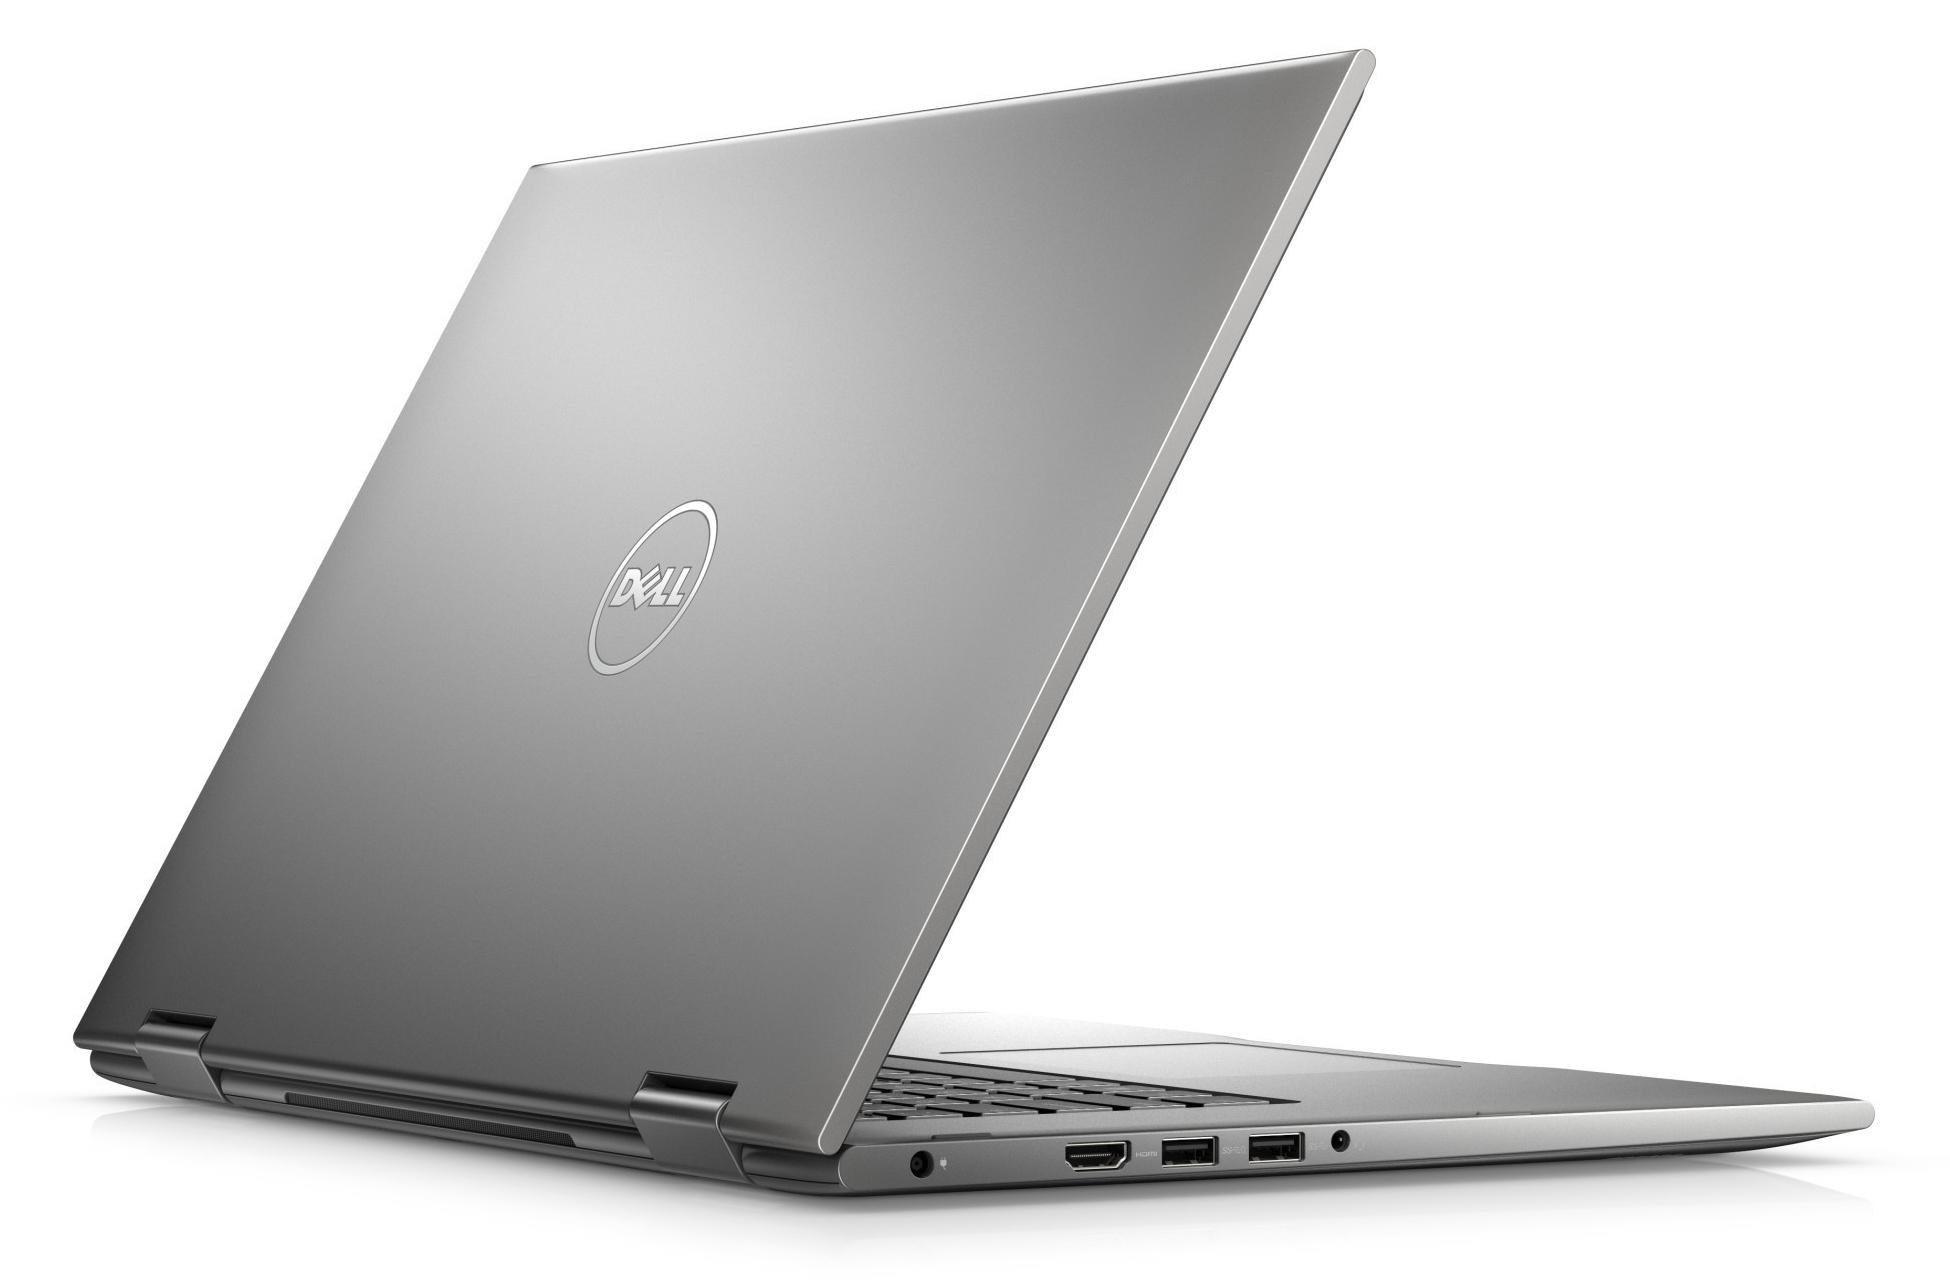 Großzügig Dell Laptop Netzteil Schema Galerie - Schaltplan Serie ...